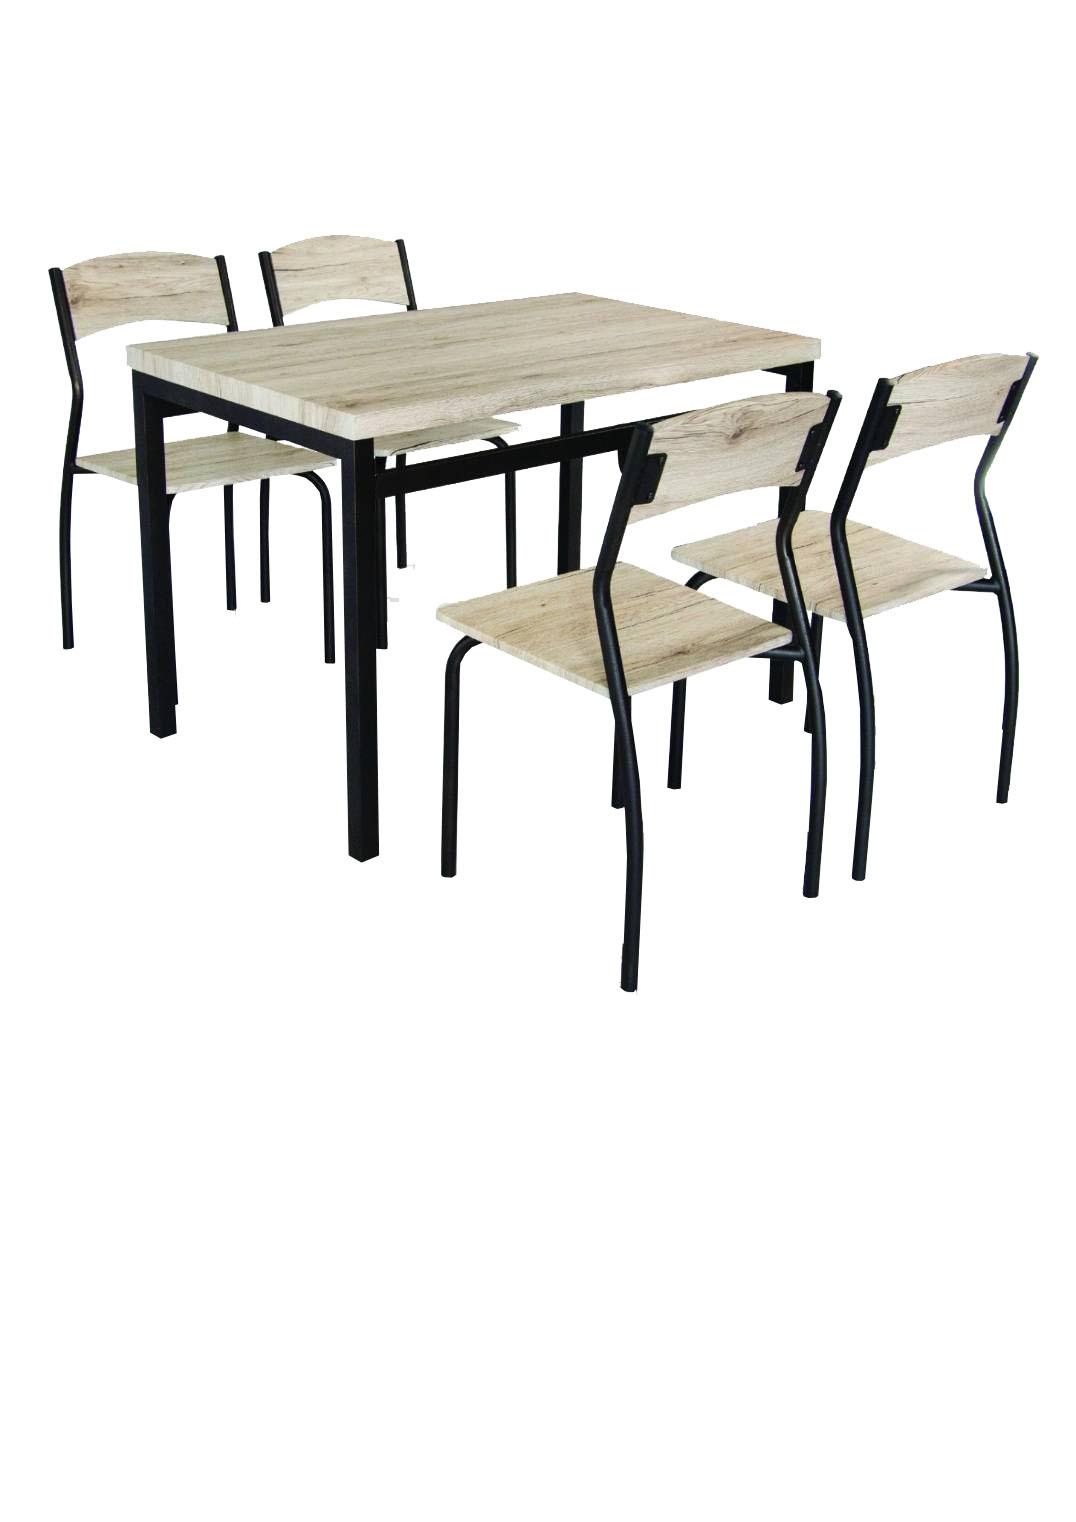 ชุดโต๊ะอาหาร 4 ที่นั่ง